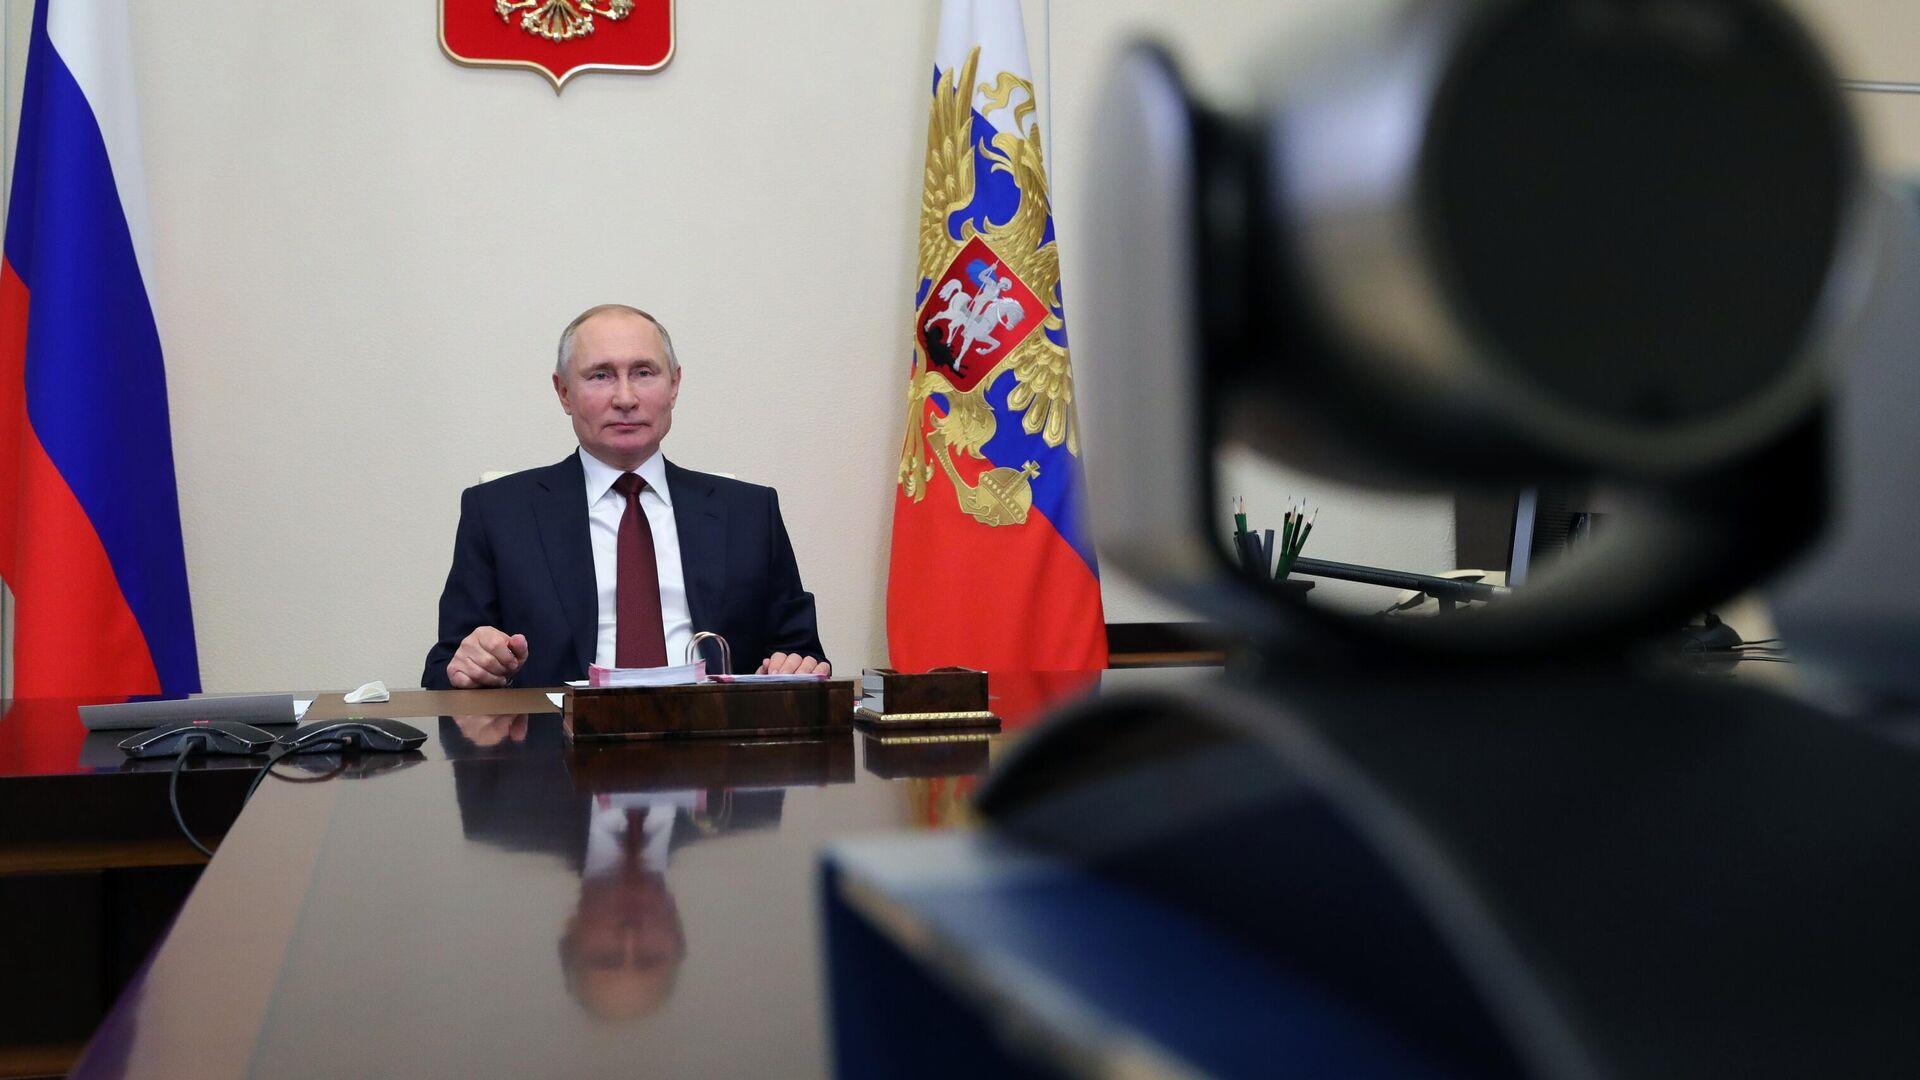 Президент РФ Владимир Путин проводит заседание Совета по науке и образованию в режиме видеоконференции - РИА Новости, 1920, 17.02.2021